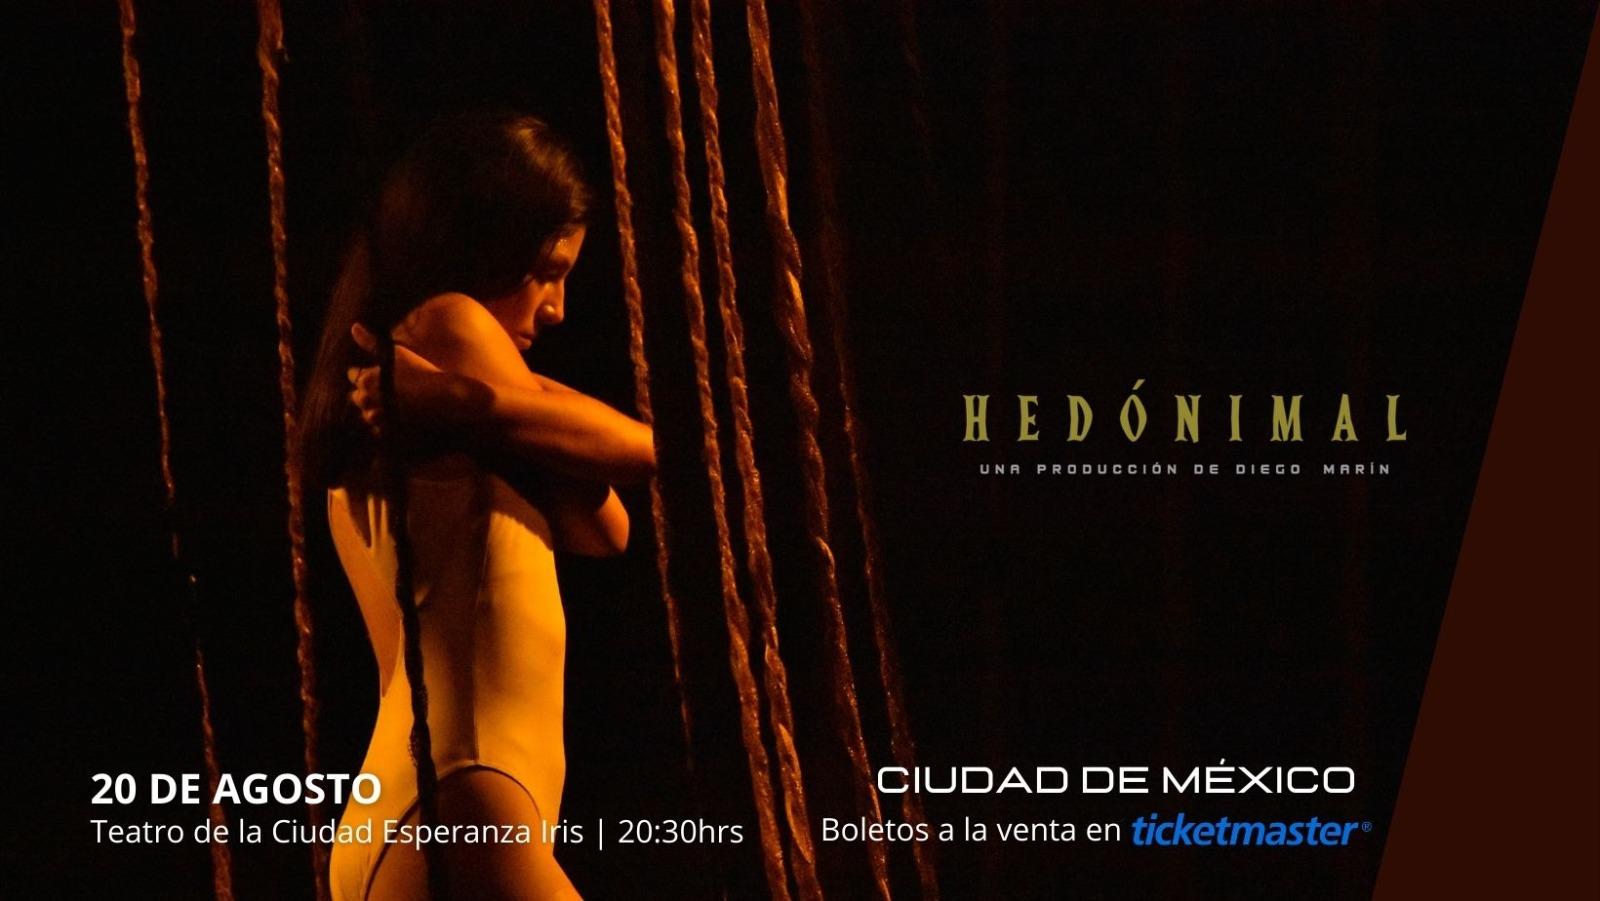 Hedonimal